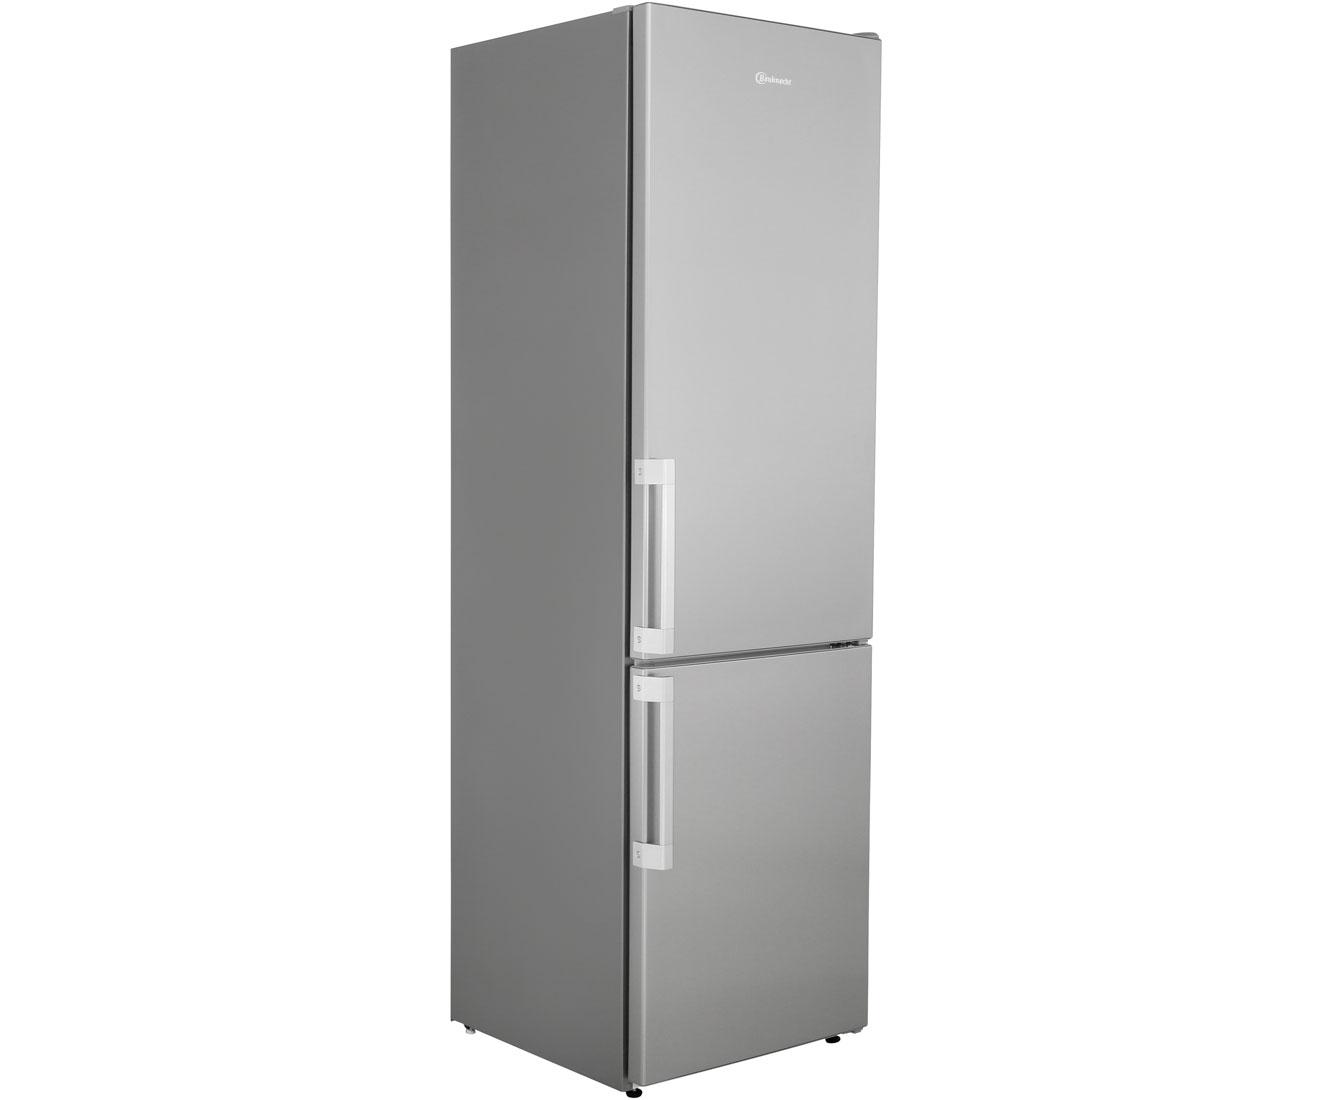 Kleiner Kühlschrank Edelstahl : Edelstahl kühlschrank preisvergleich u die besten angebote online